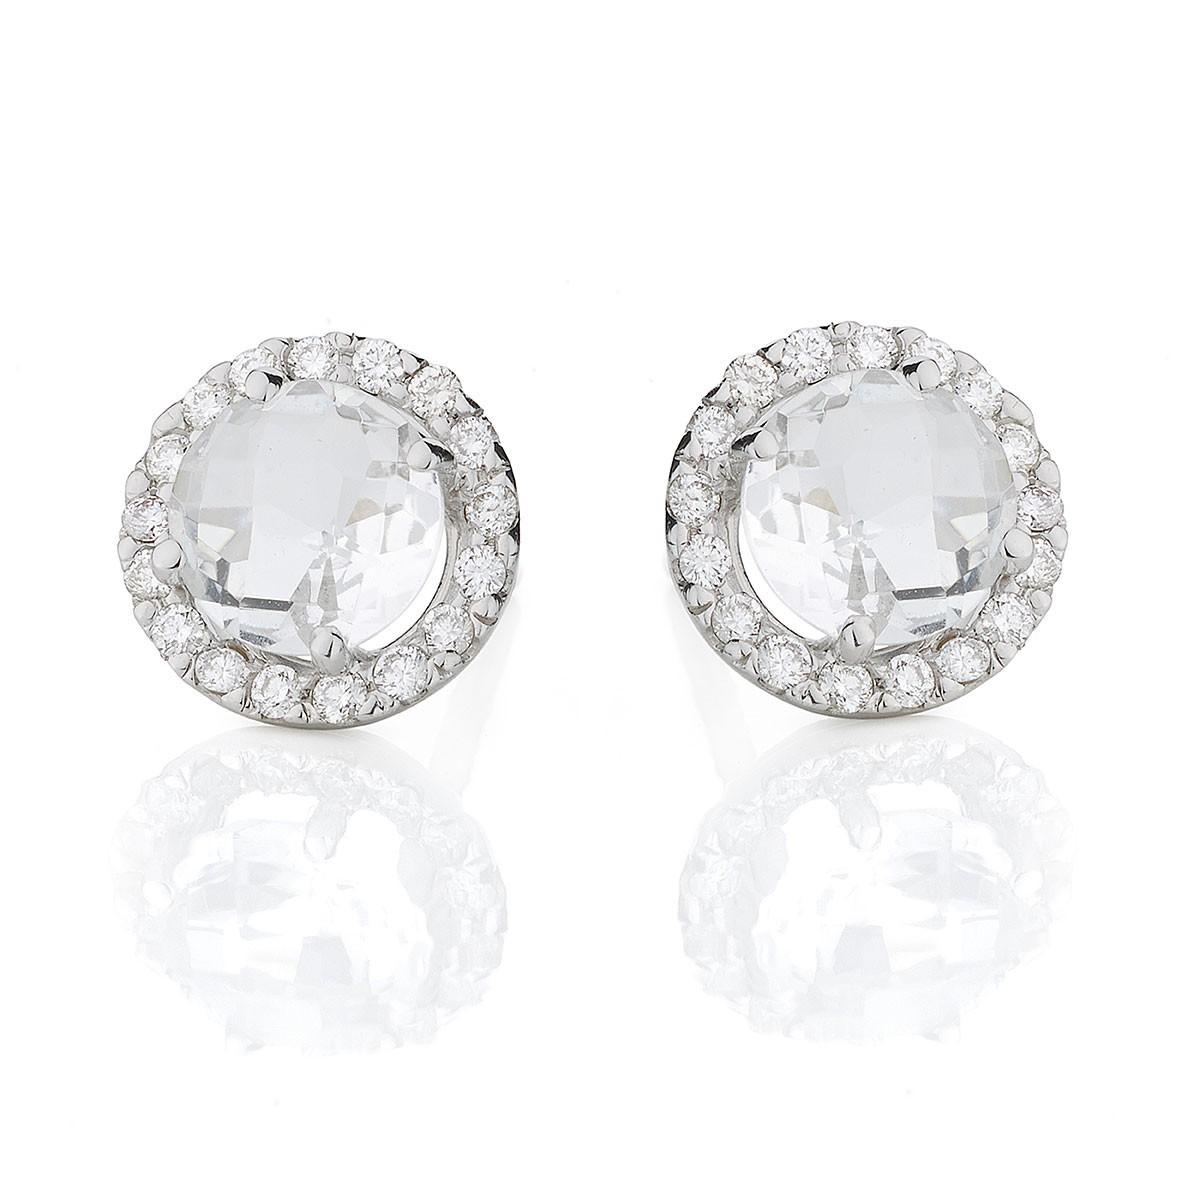 56dd446744d Brinco ouro branco 18K com diamantes e turmalinas paraíba